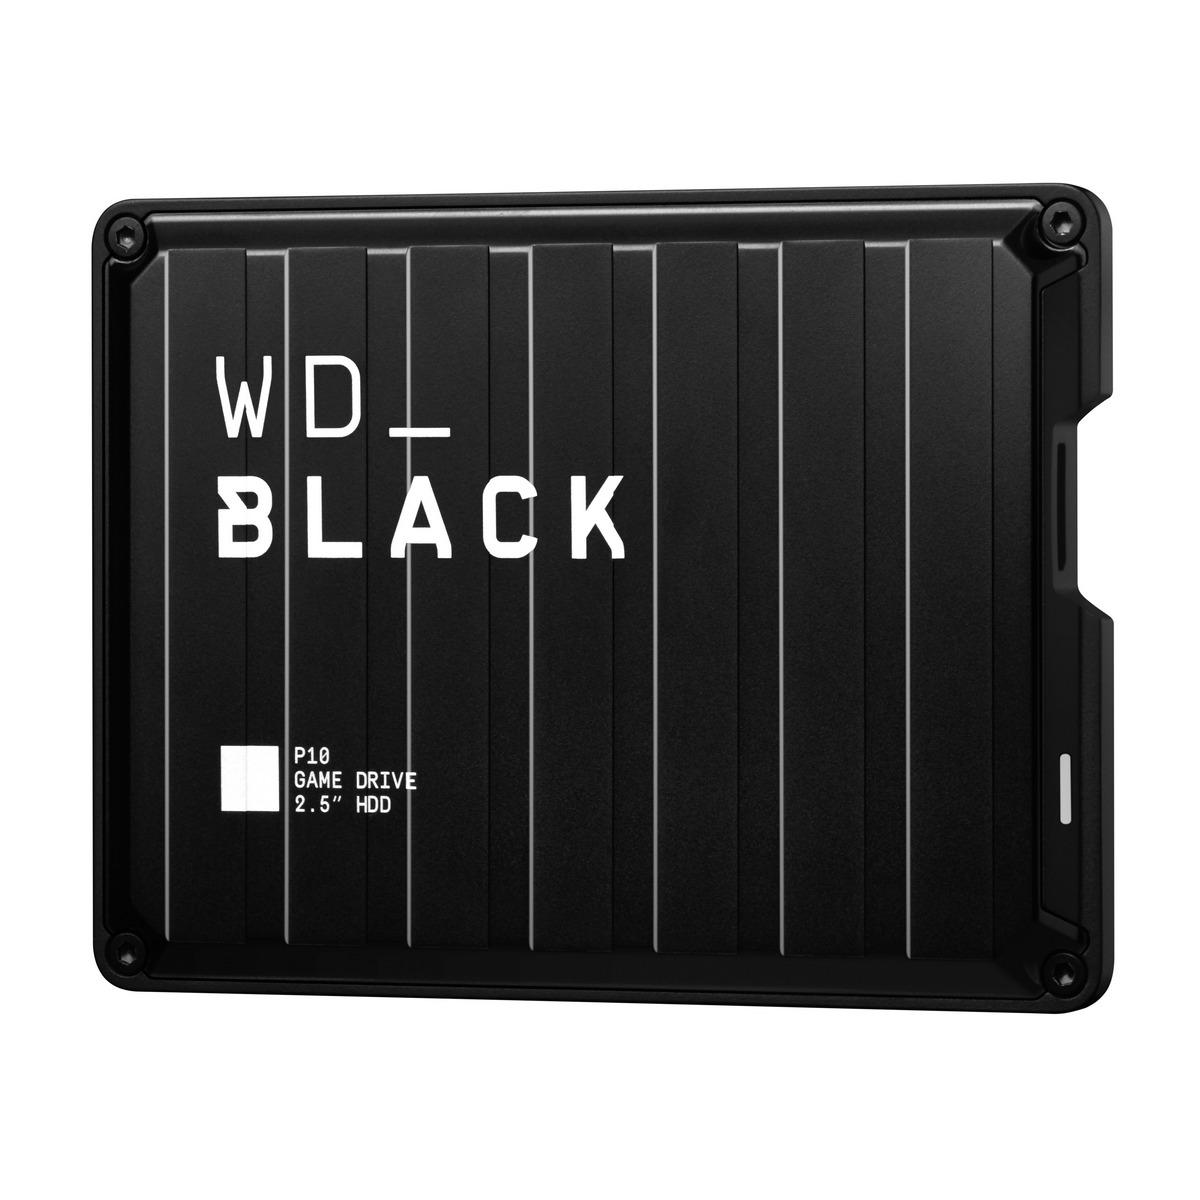 เอ็กซ์เทอนอล ฮาร์ดไดร์ฟ (2 TB) รุ่น WD_BLACK P10 Game Drive